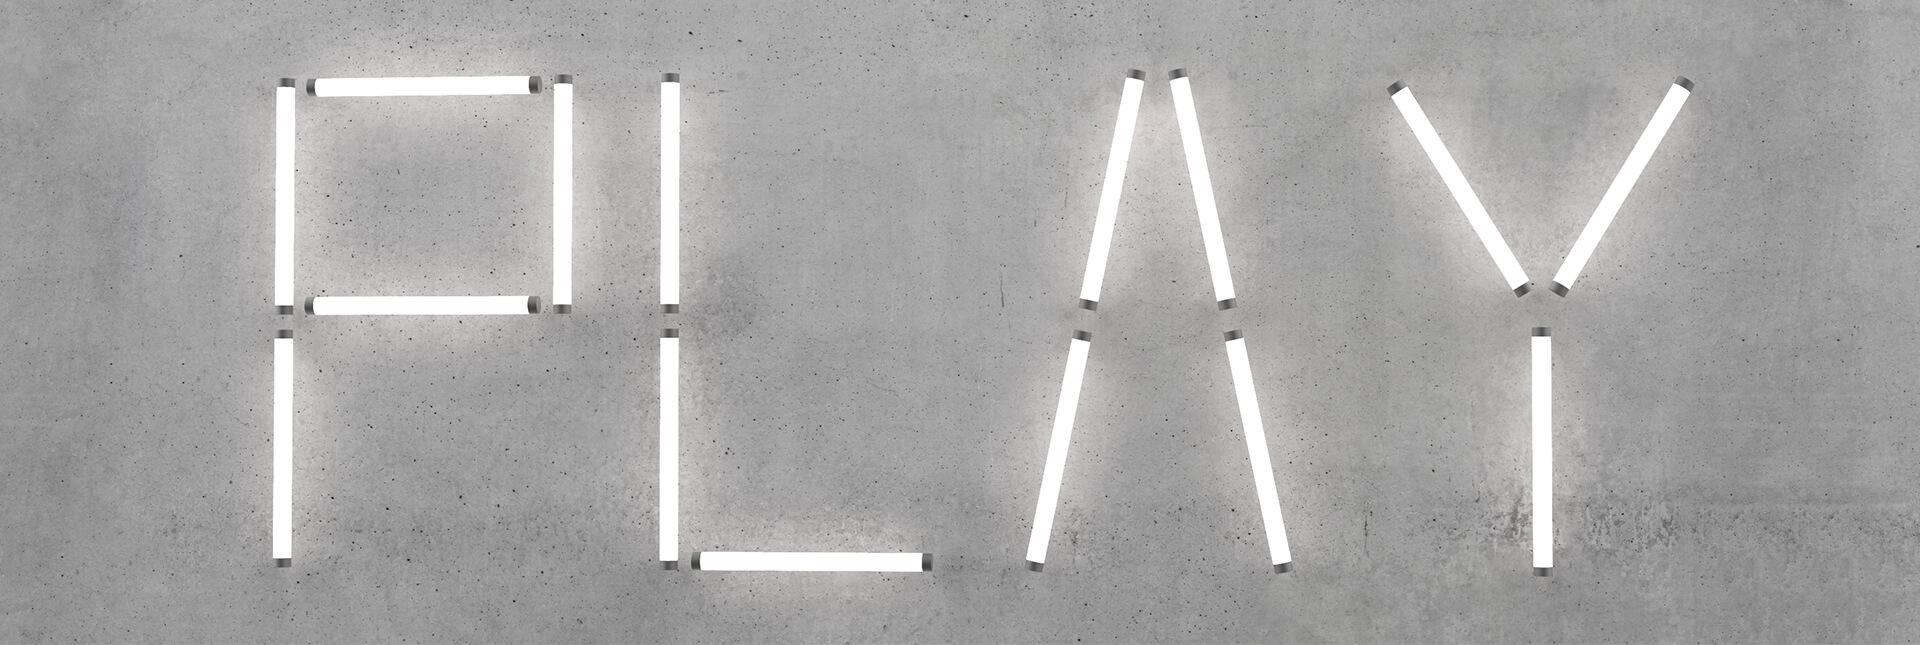 nile-surface-banner.jpg